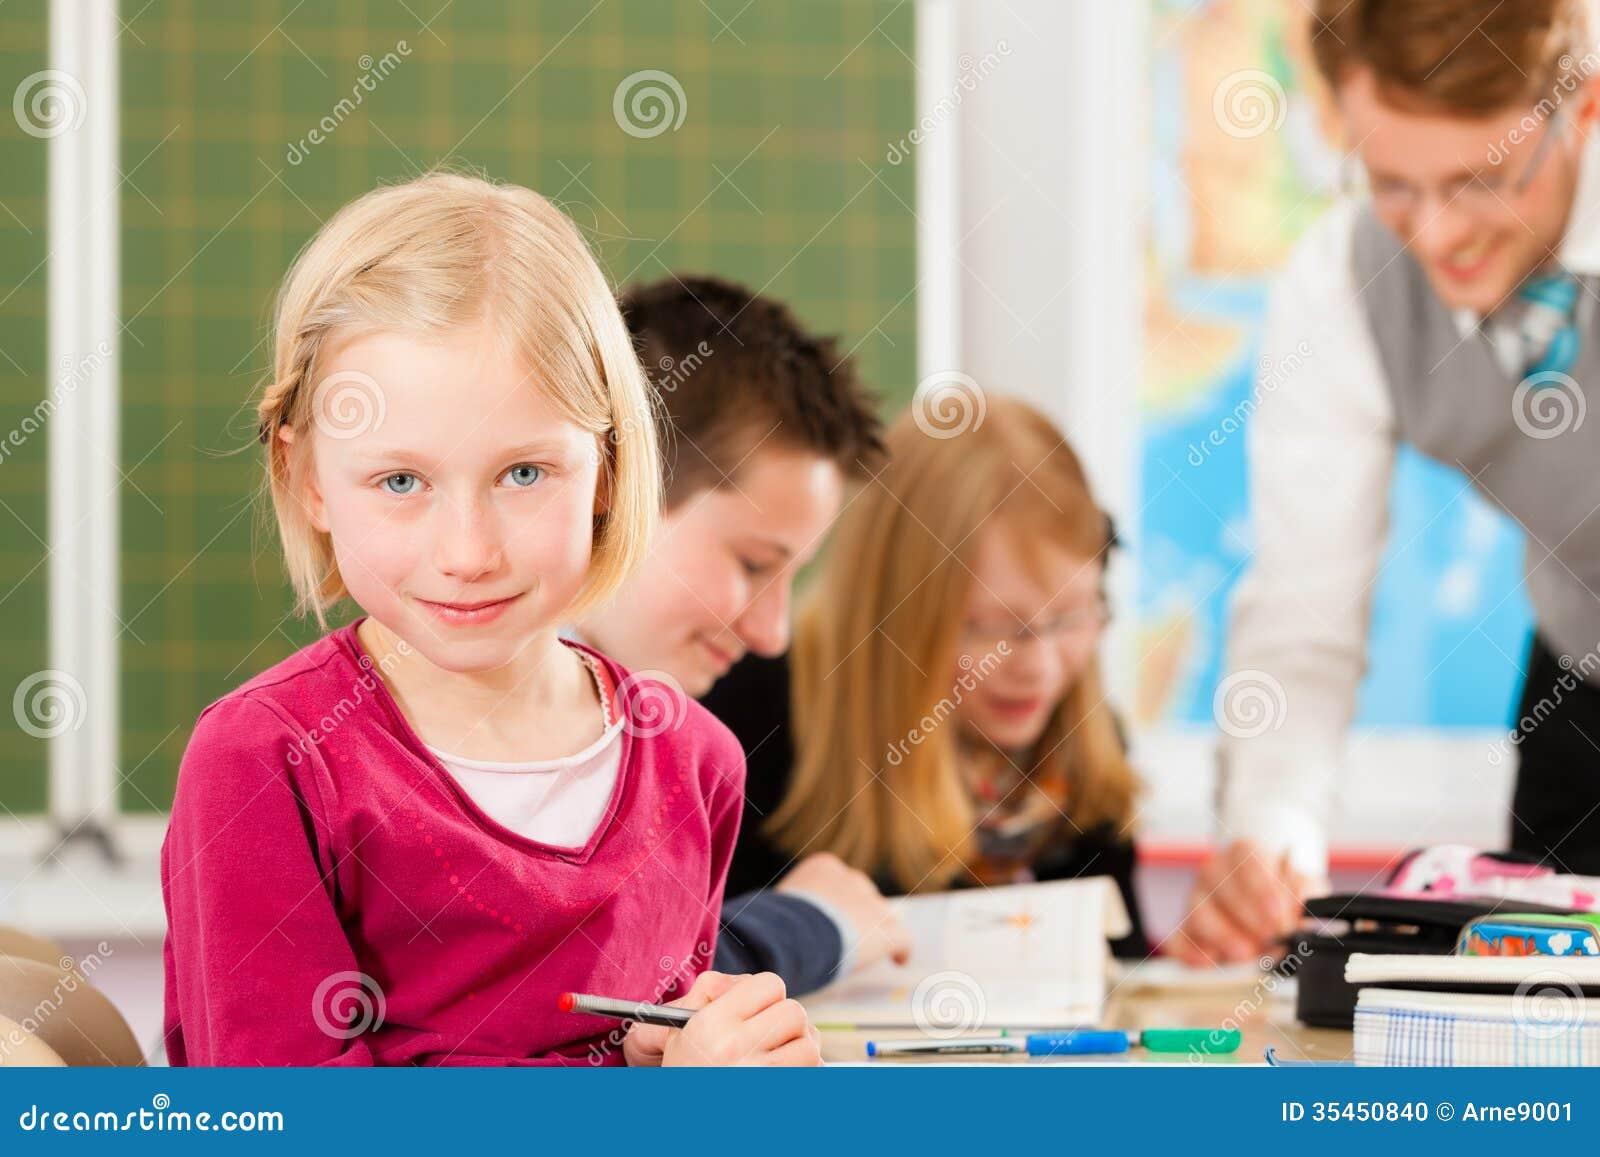 Onderwijs - Leerlingen en leraar die op school leren